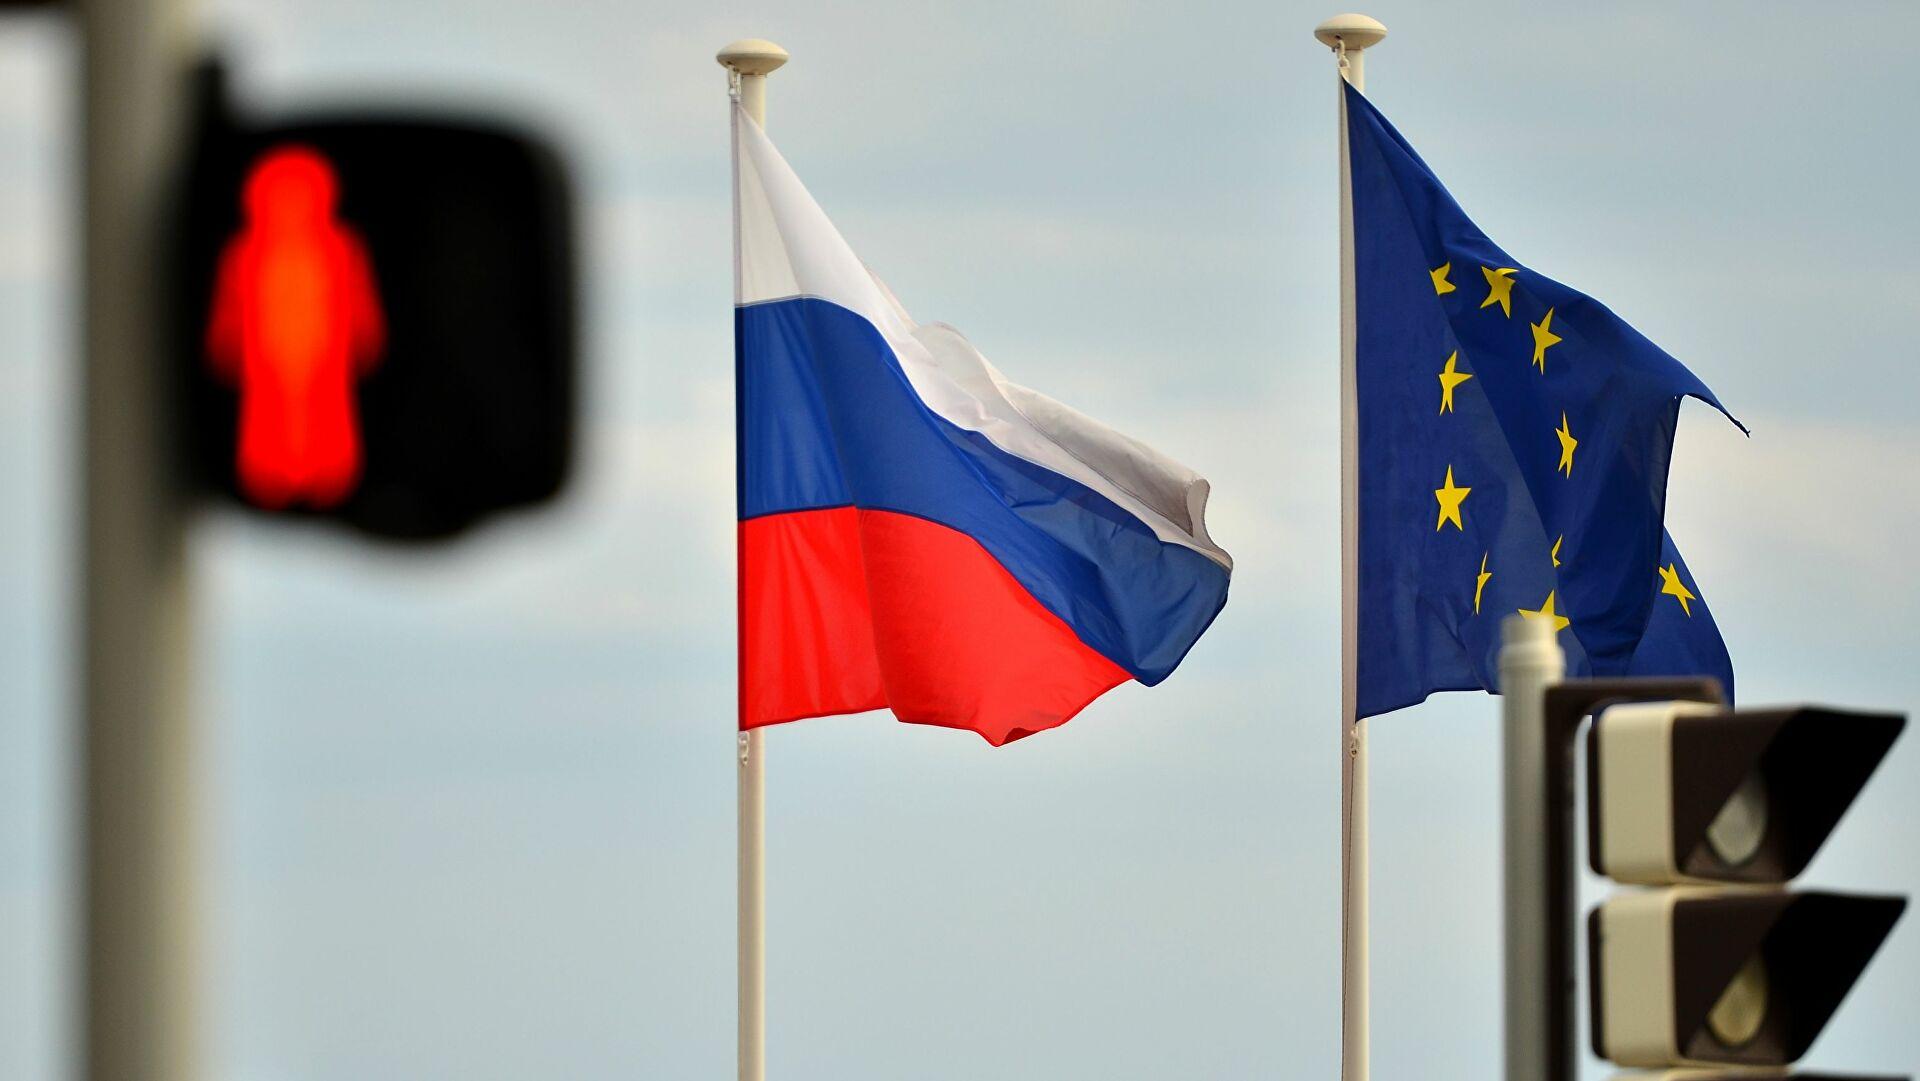 Борељ: Тренутно се не разматра могућност увођења нових санкција против Русије